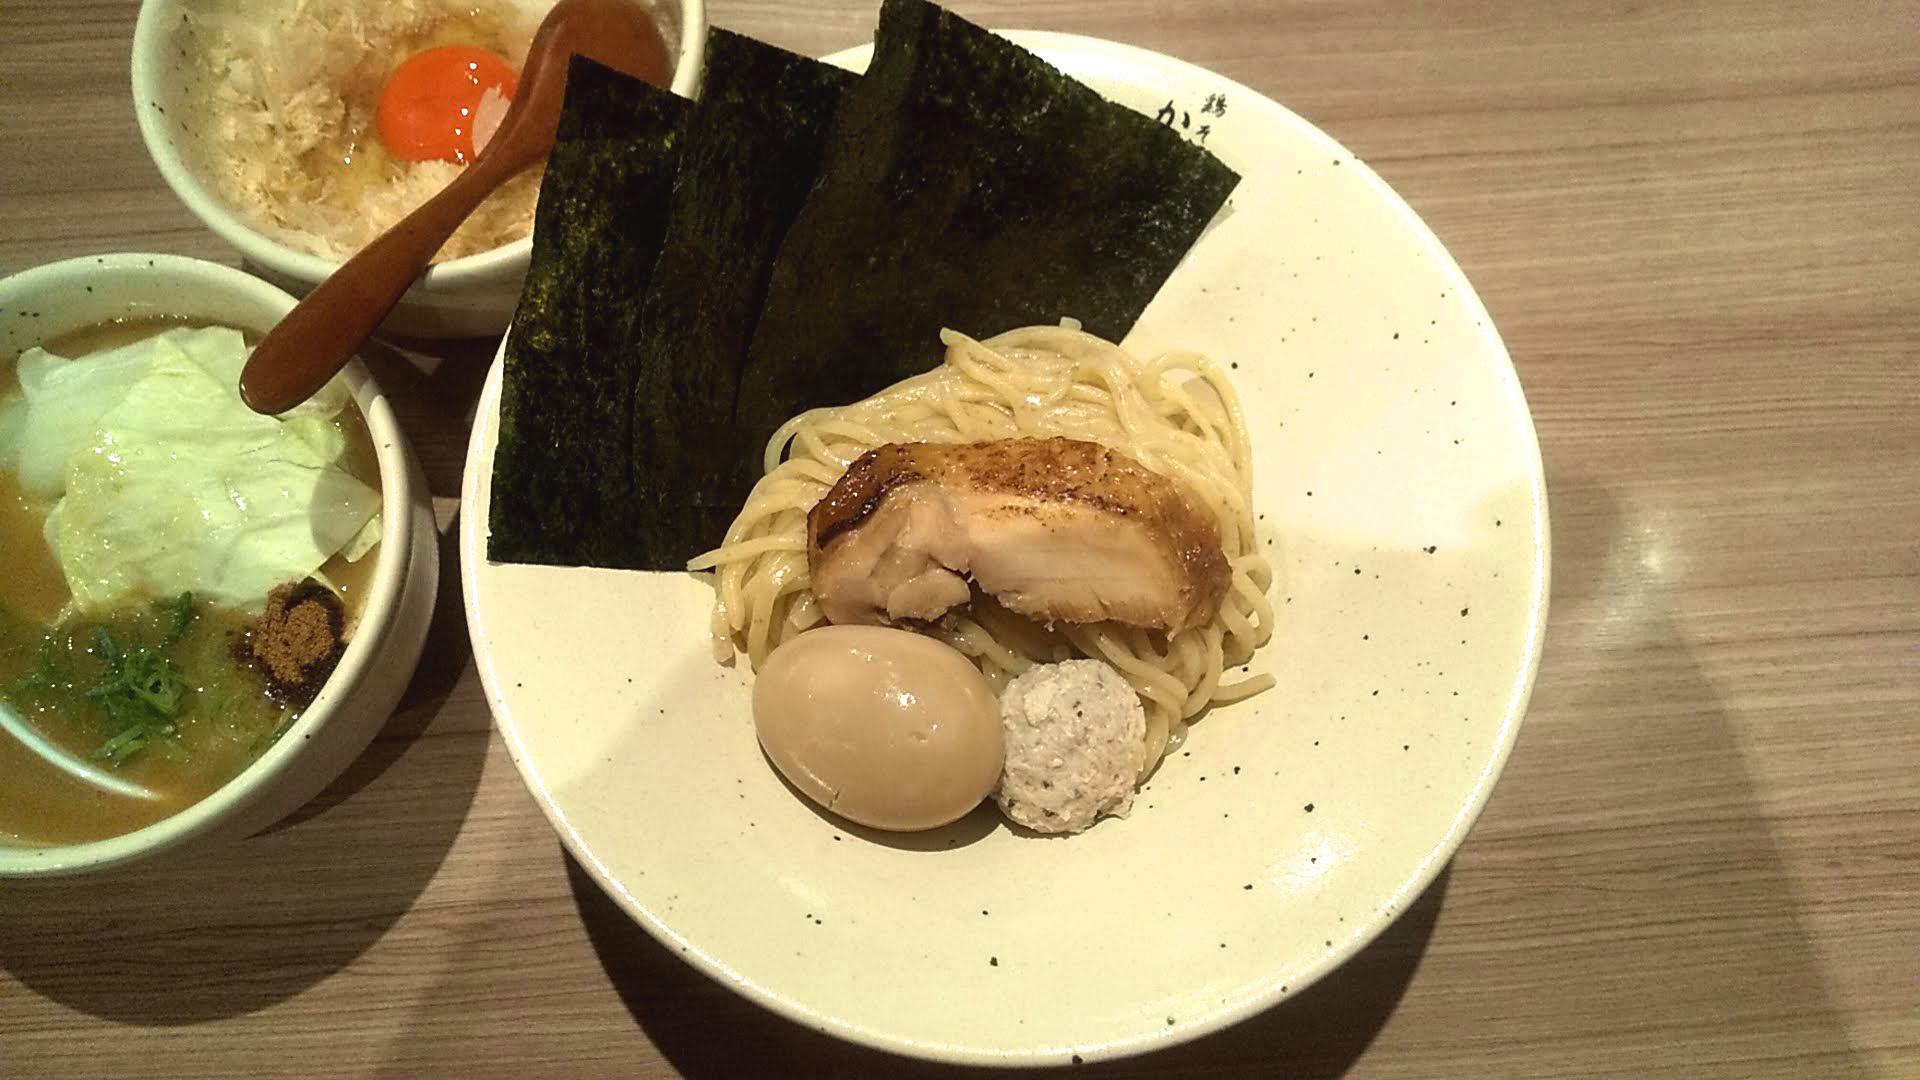 鶏そばかぐら屋の特製つけ麺の麺皿の写真